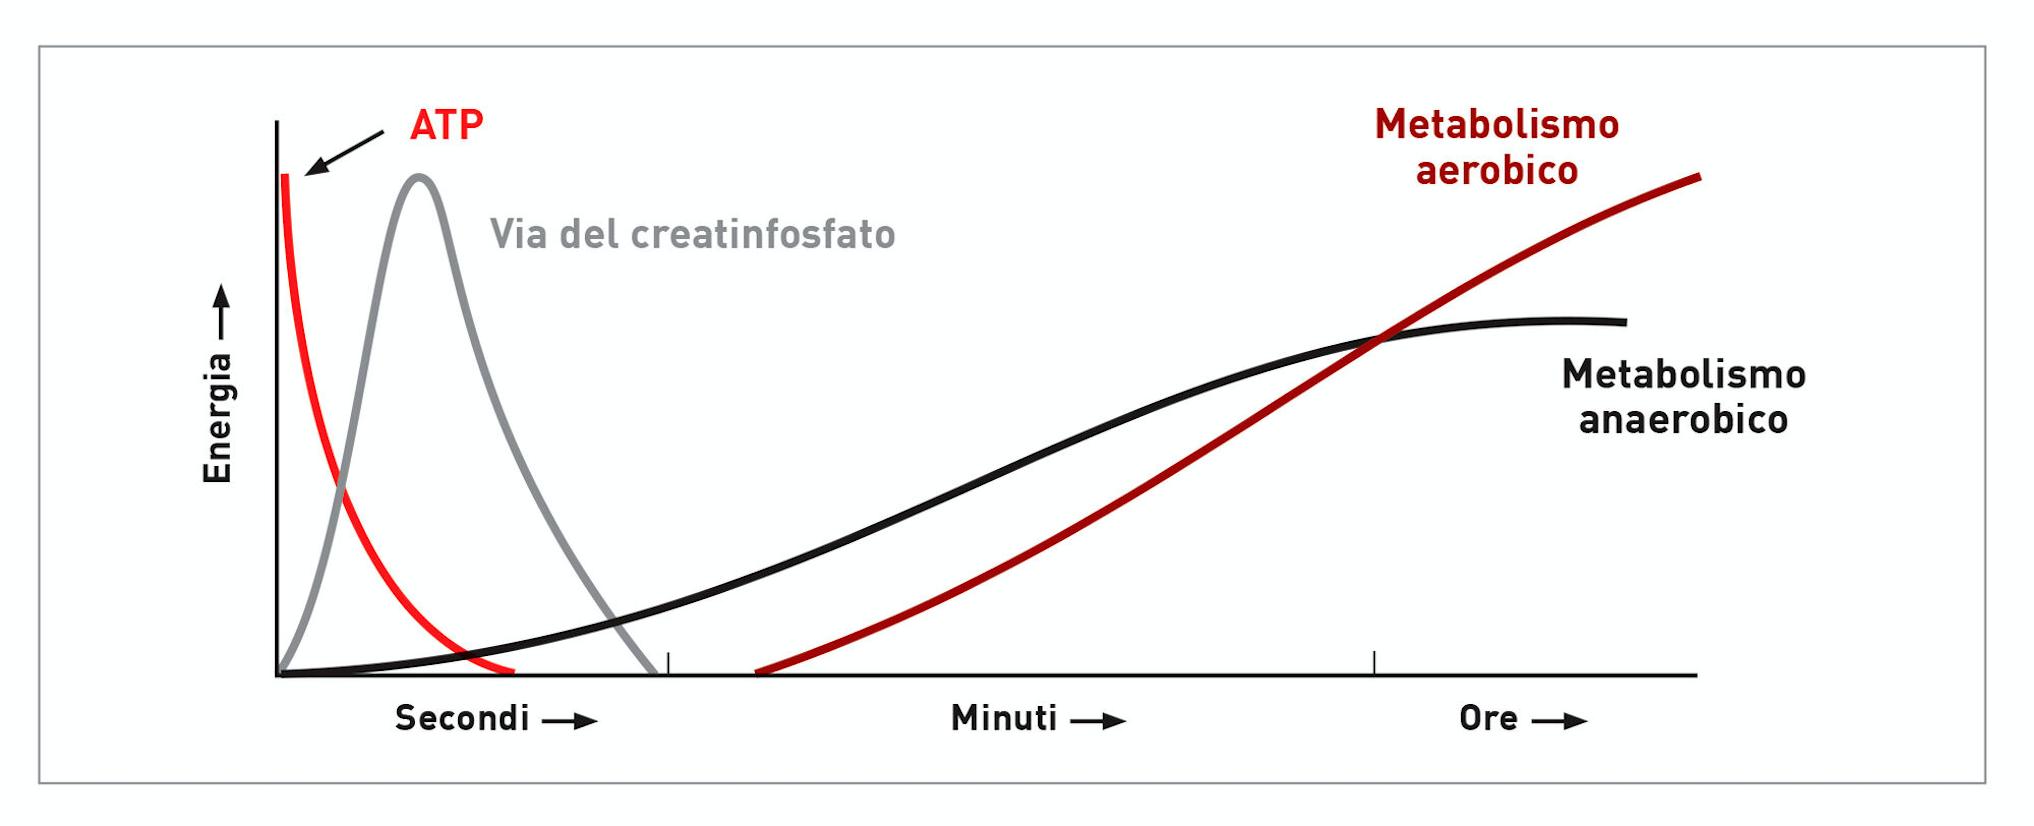 Grafico che mostra le varie fonti di energia utilizzate nel tempo durante l'esercizio fisico.